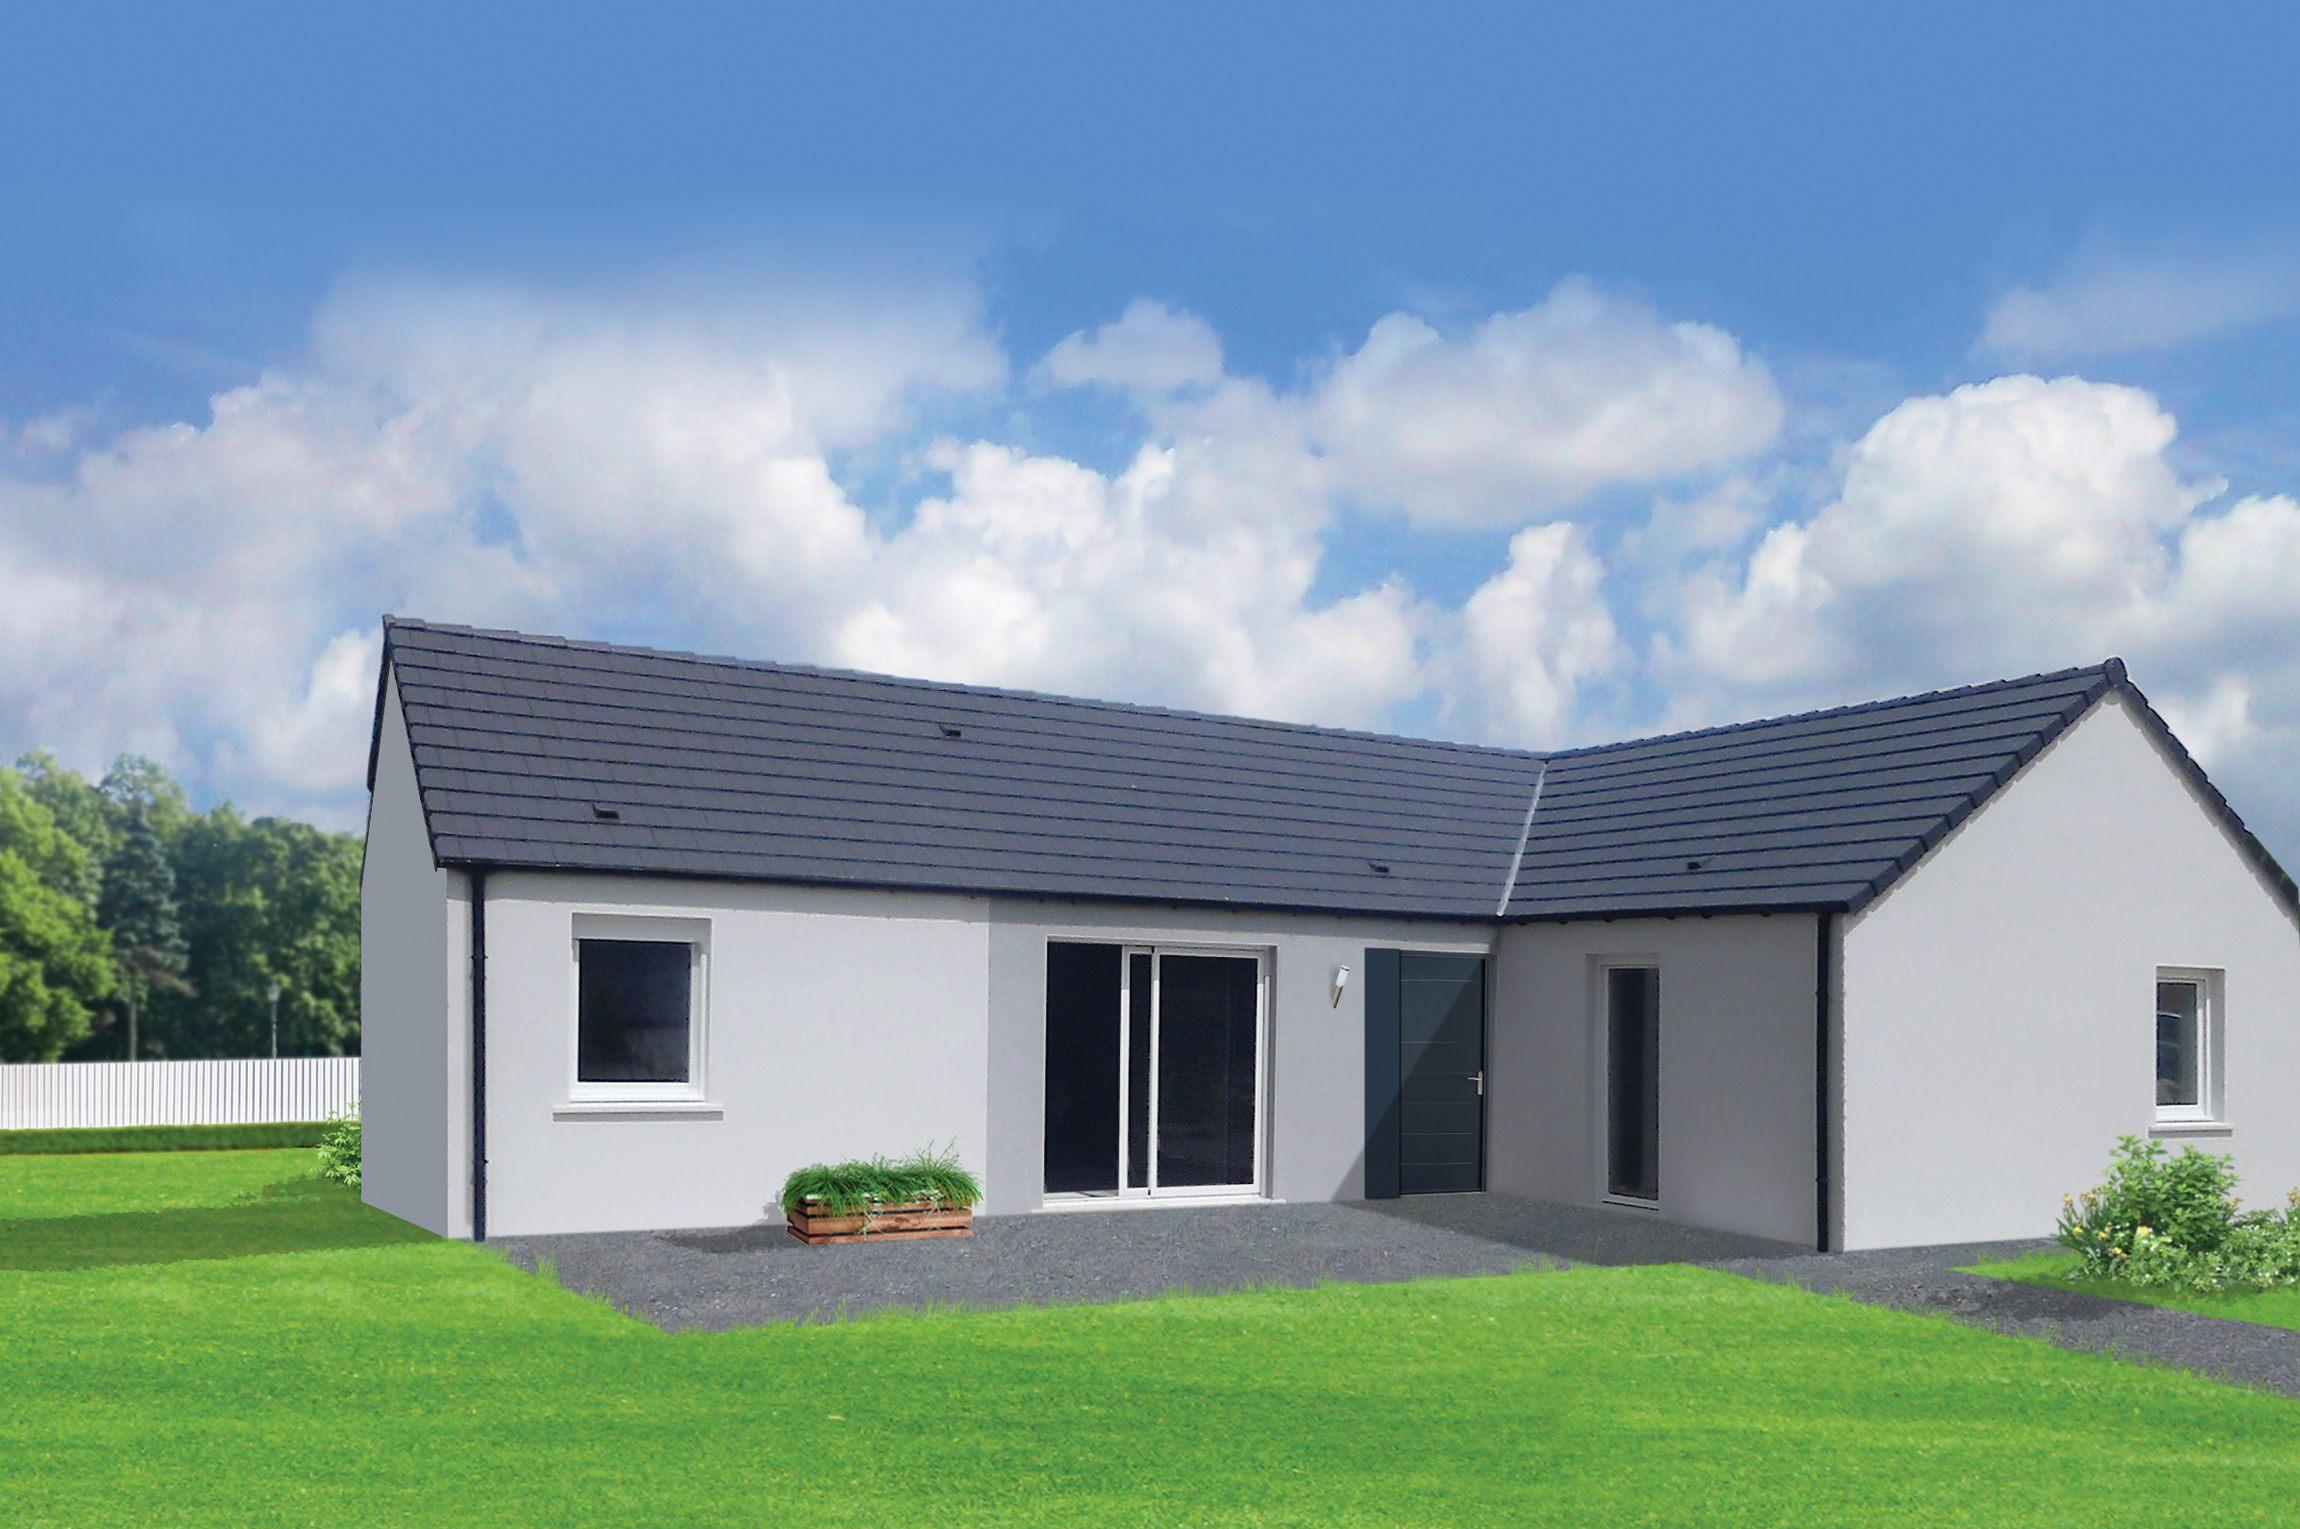 Maisons + Terrains du constructeur MAISON PHENIX • 112 m² • NEUVILLE SUR BRENNE